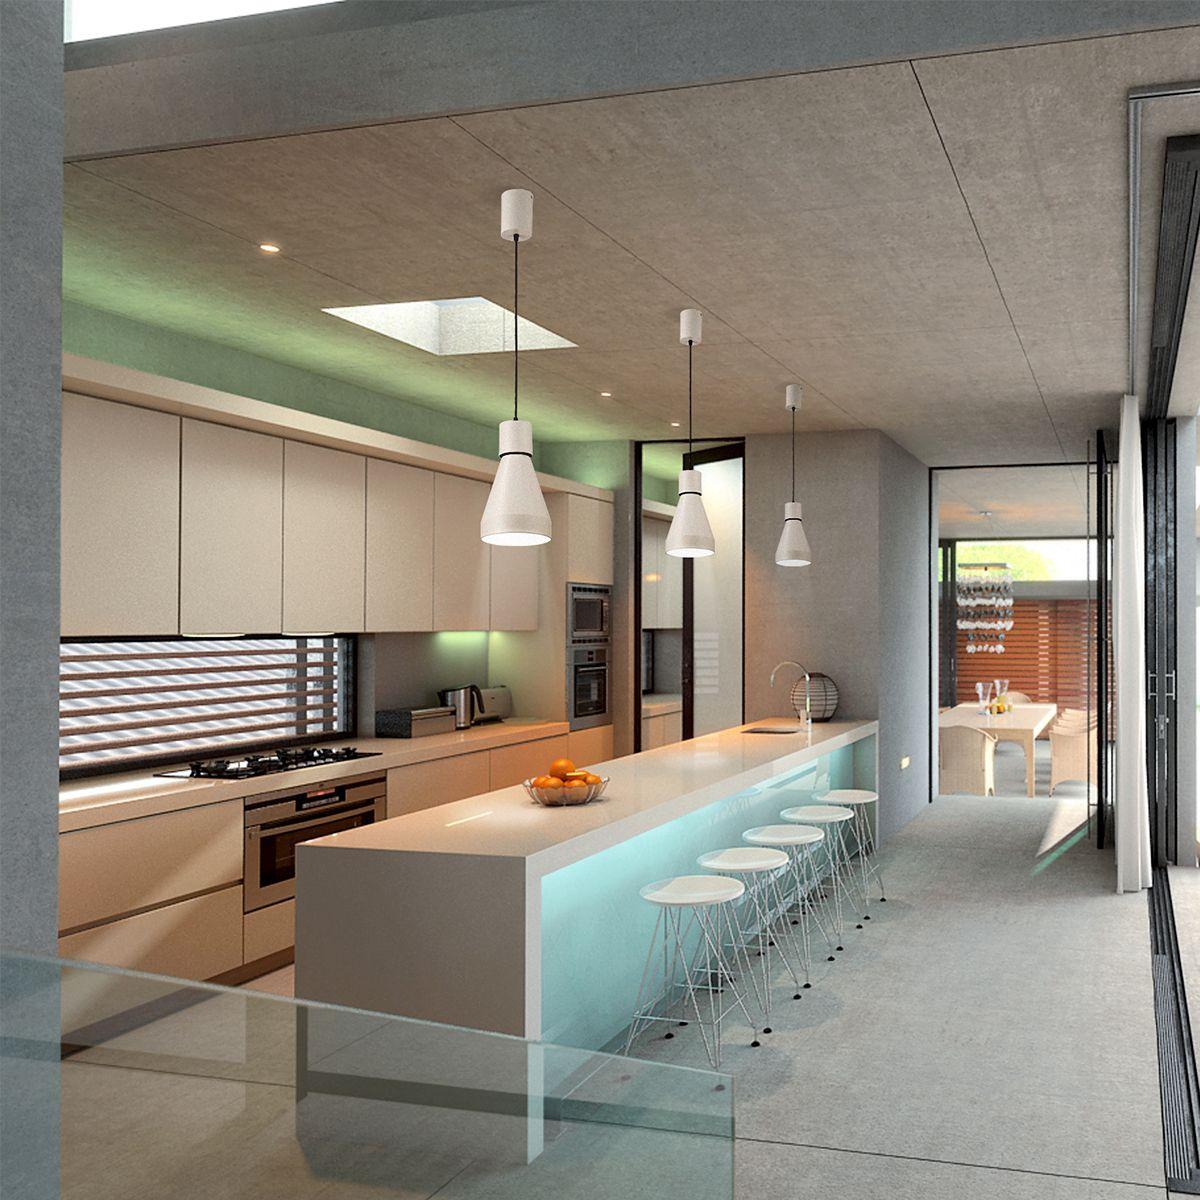 Full Size of Küchenleuchte Mantra Kos 5620 Entdecken Sie Moderne Kchenleuchte Von Wohnzimmer Küchenleuchte